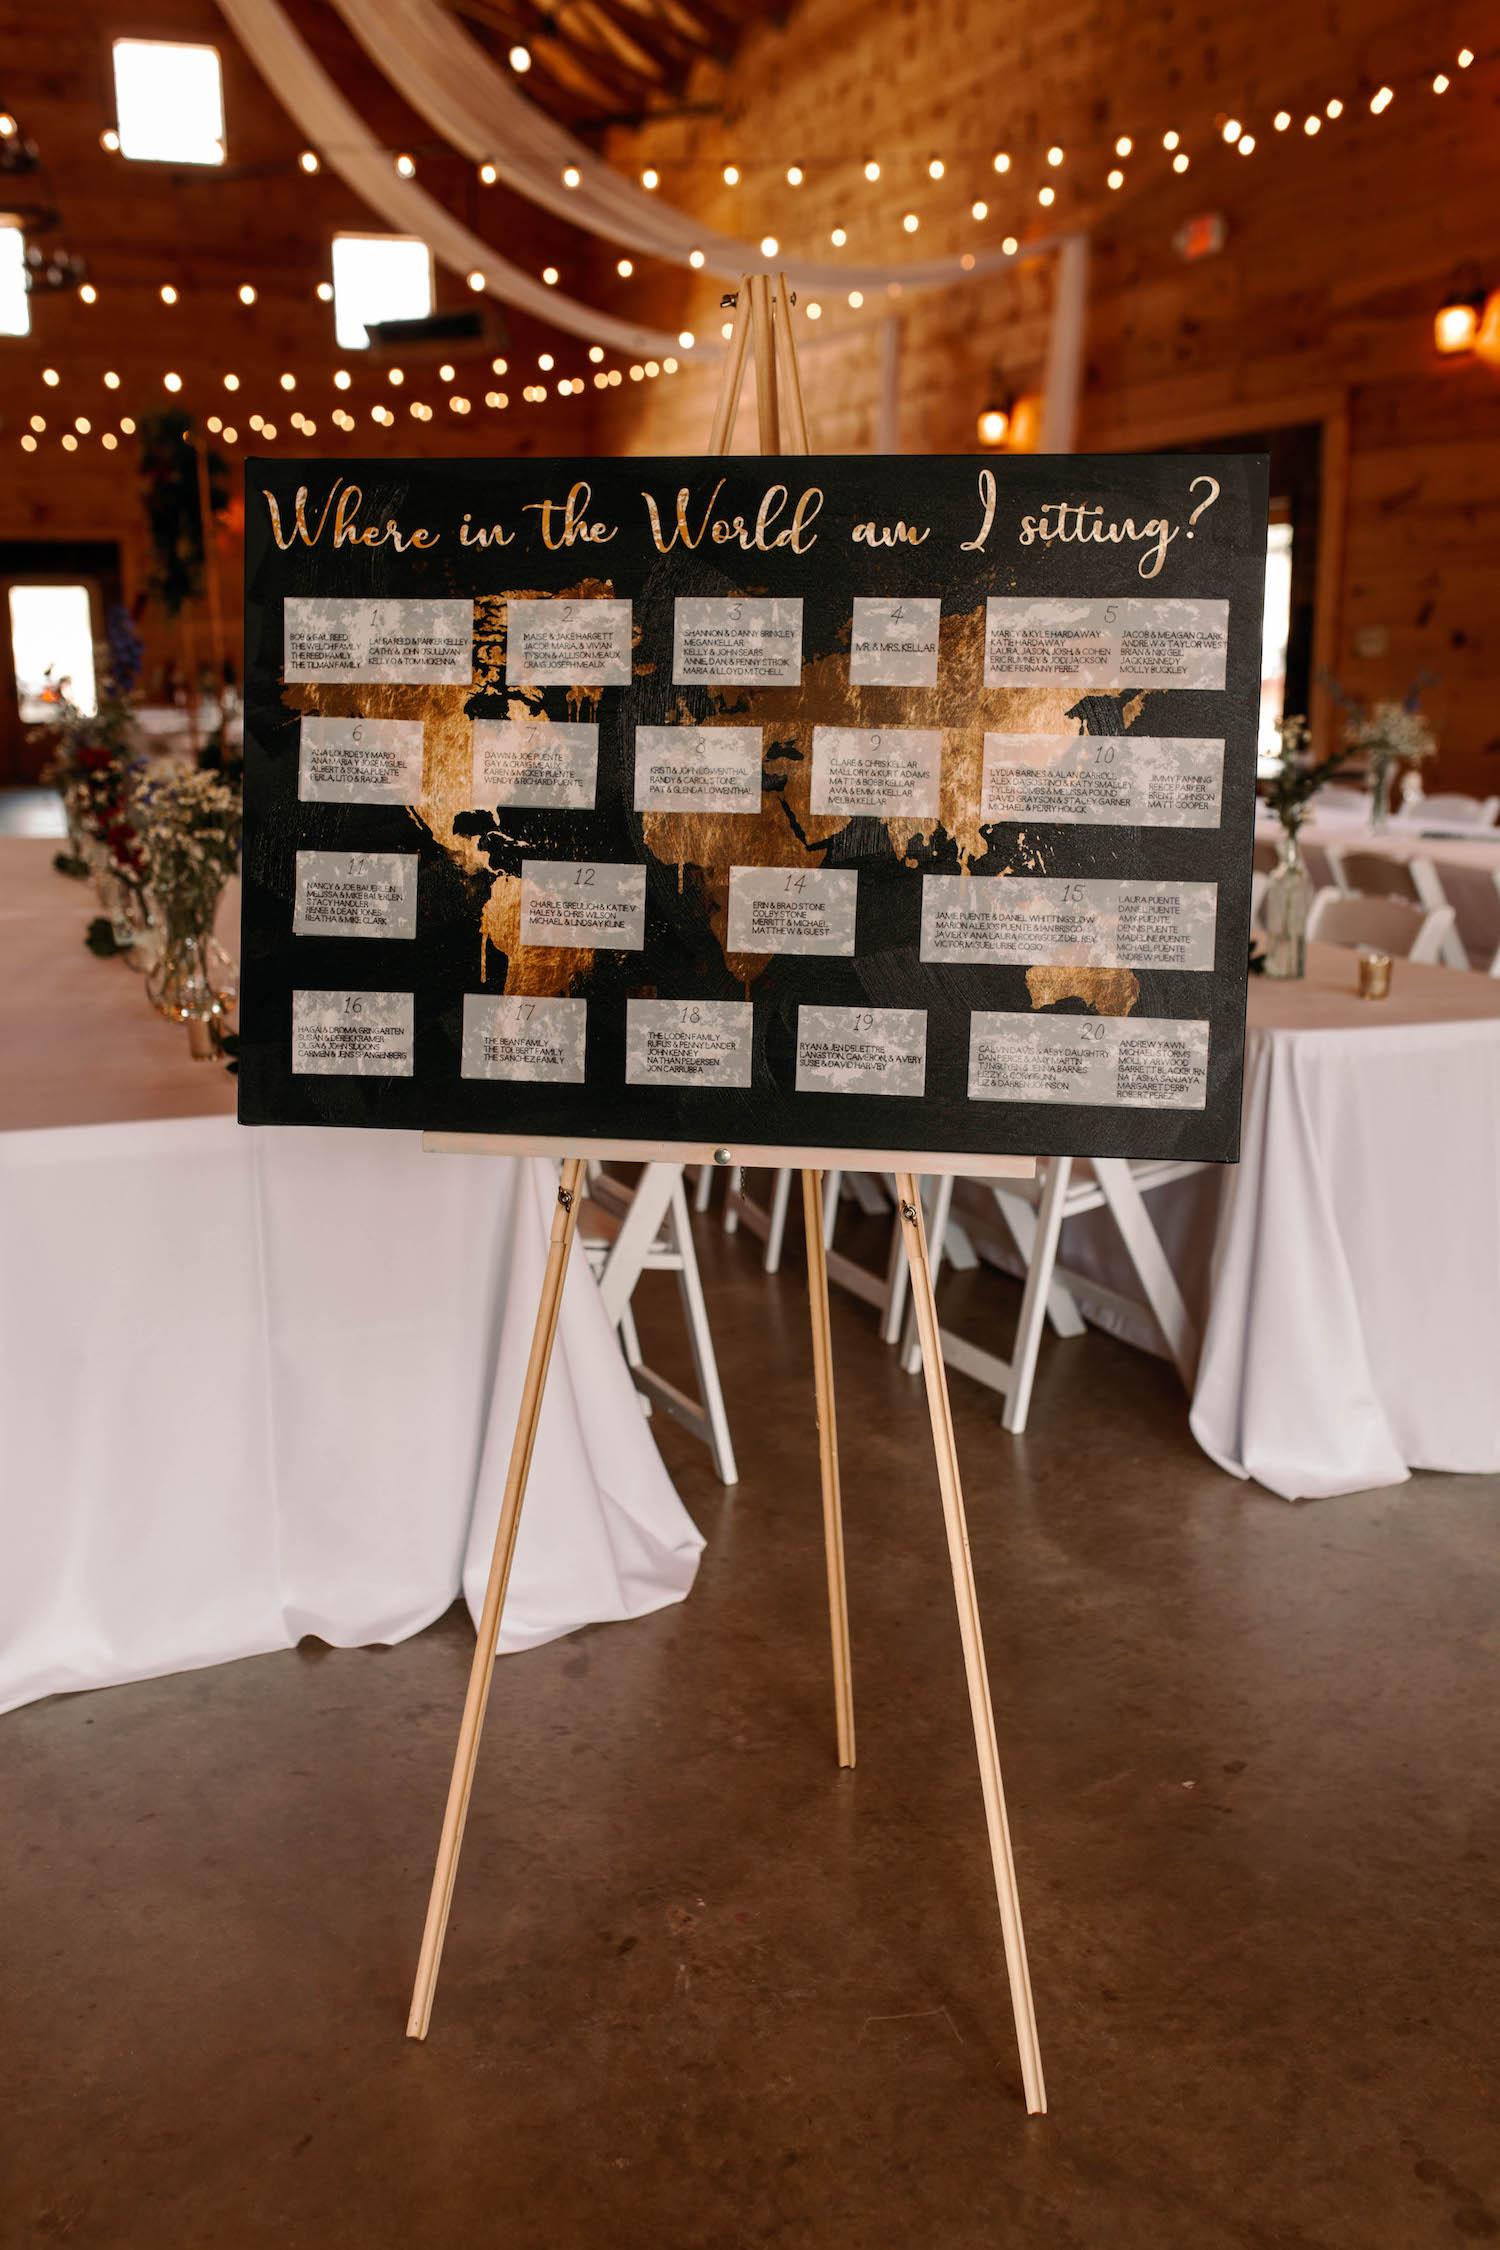 Three-Oaks-Farm-Wedding-Reception-Signage5.jpg